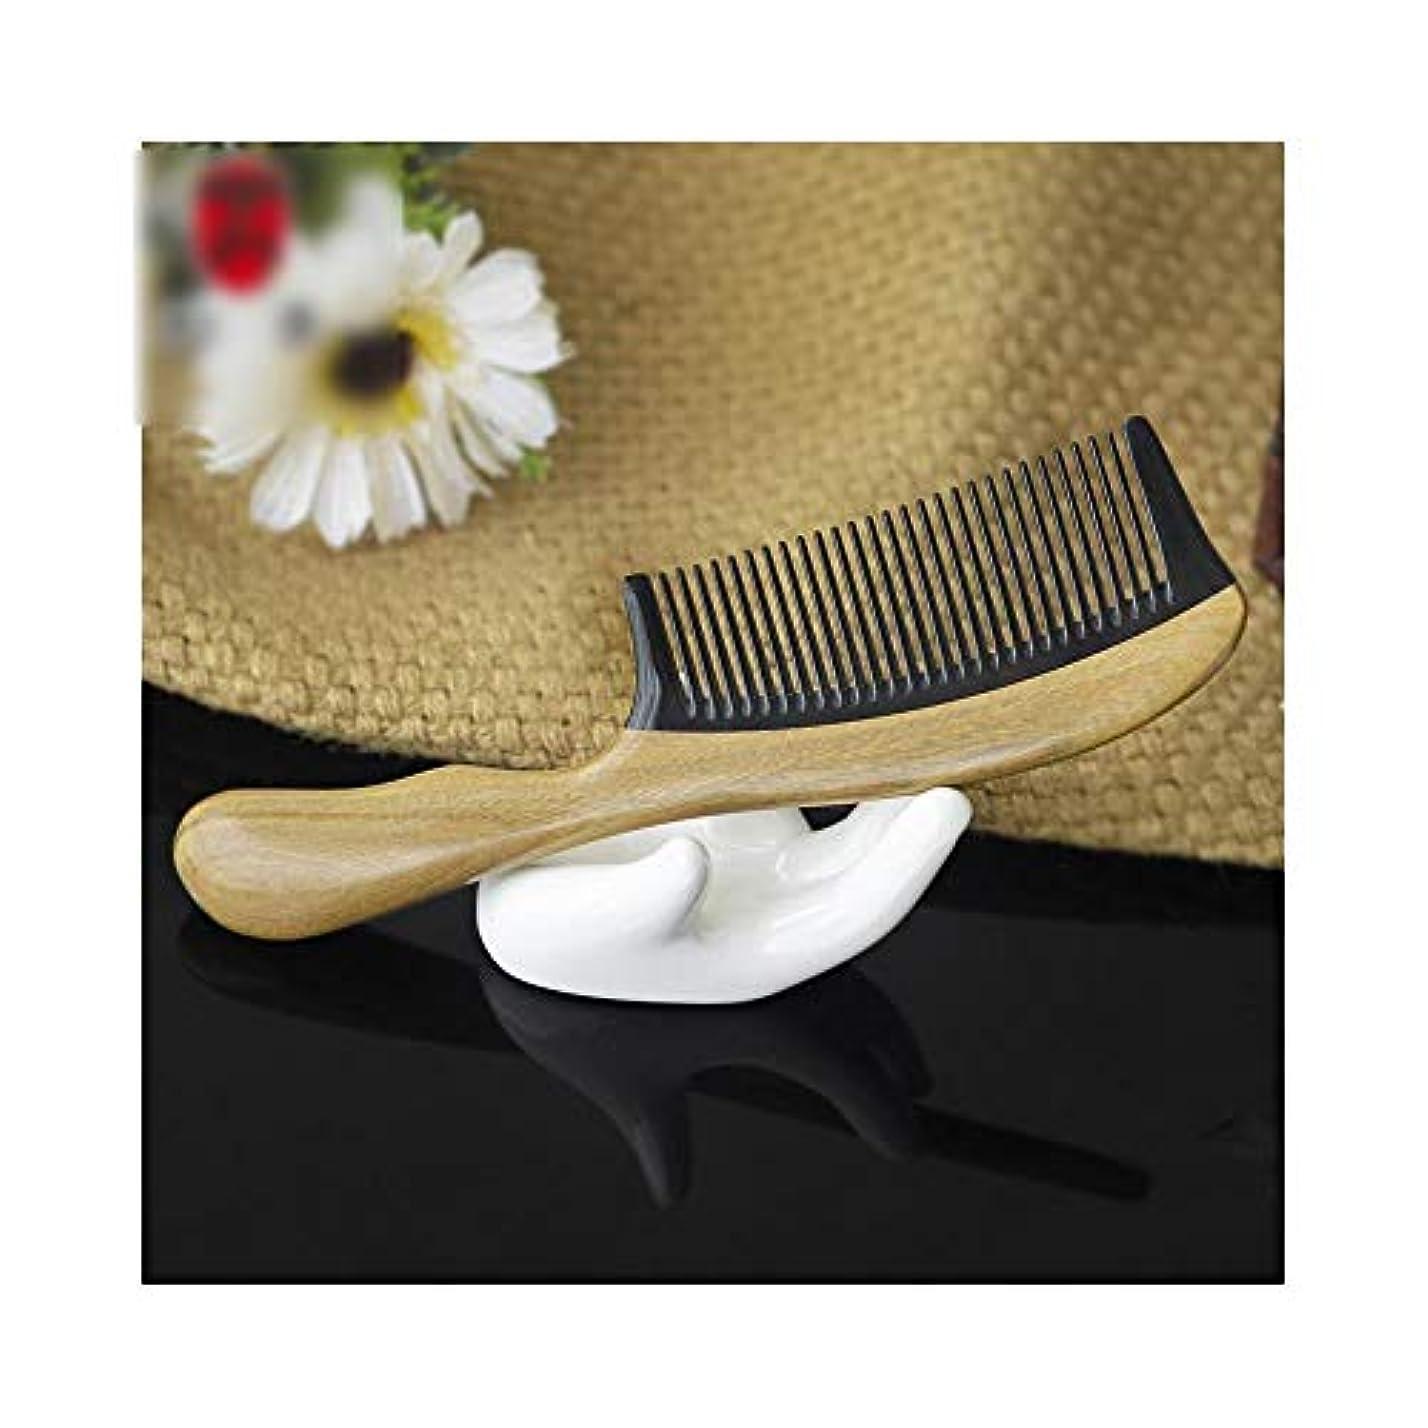 スキムはねかける統合WASAIO 手作り木製くし天然水牛角くしサンダルウッドマッサージ髪くし手作り木製抗静的マッサージエアバッグ (色 : 1873)